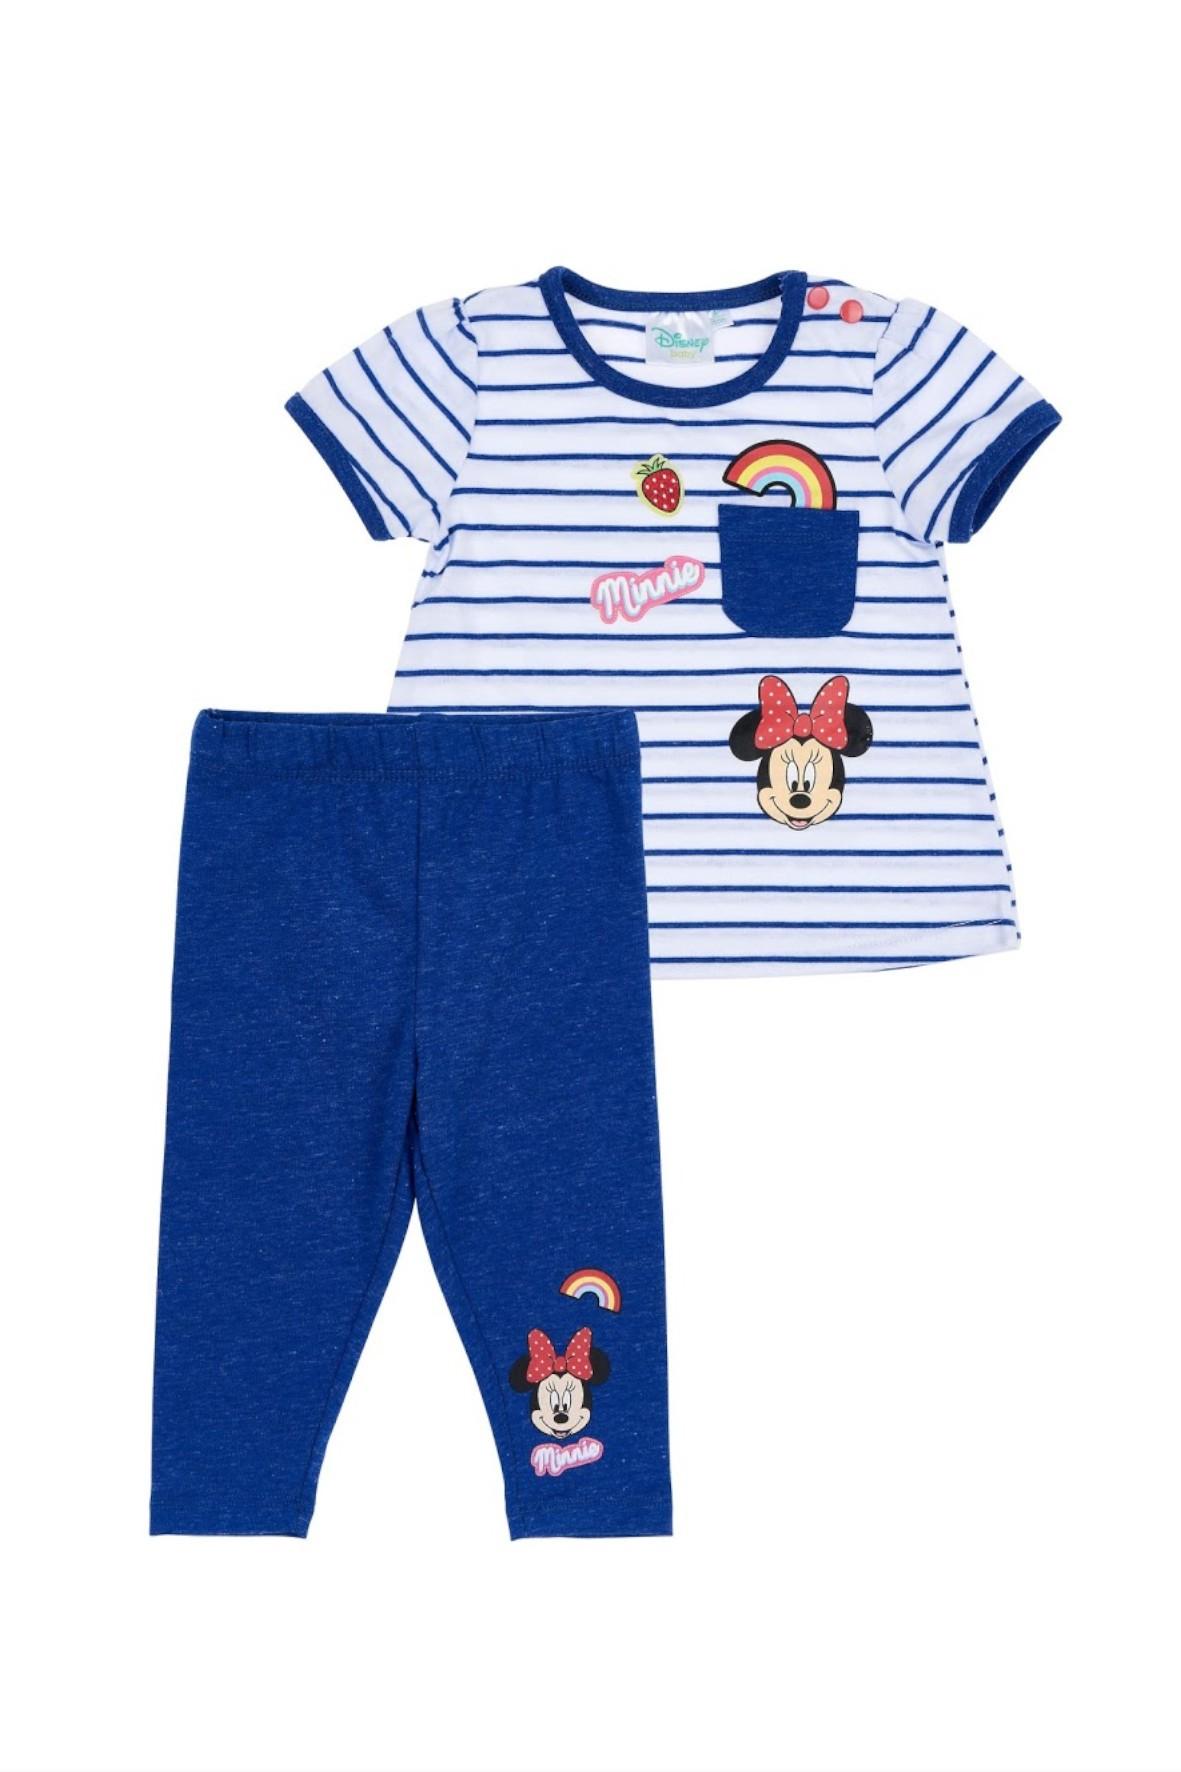 Komplet dziewczęcy- t-shirt i leginsy Minnie Mouse